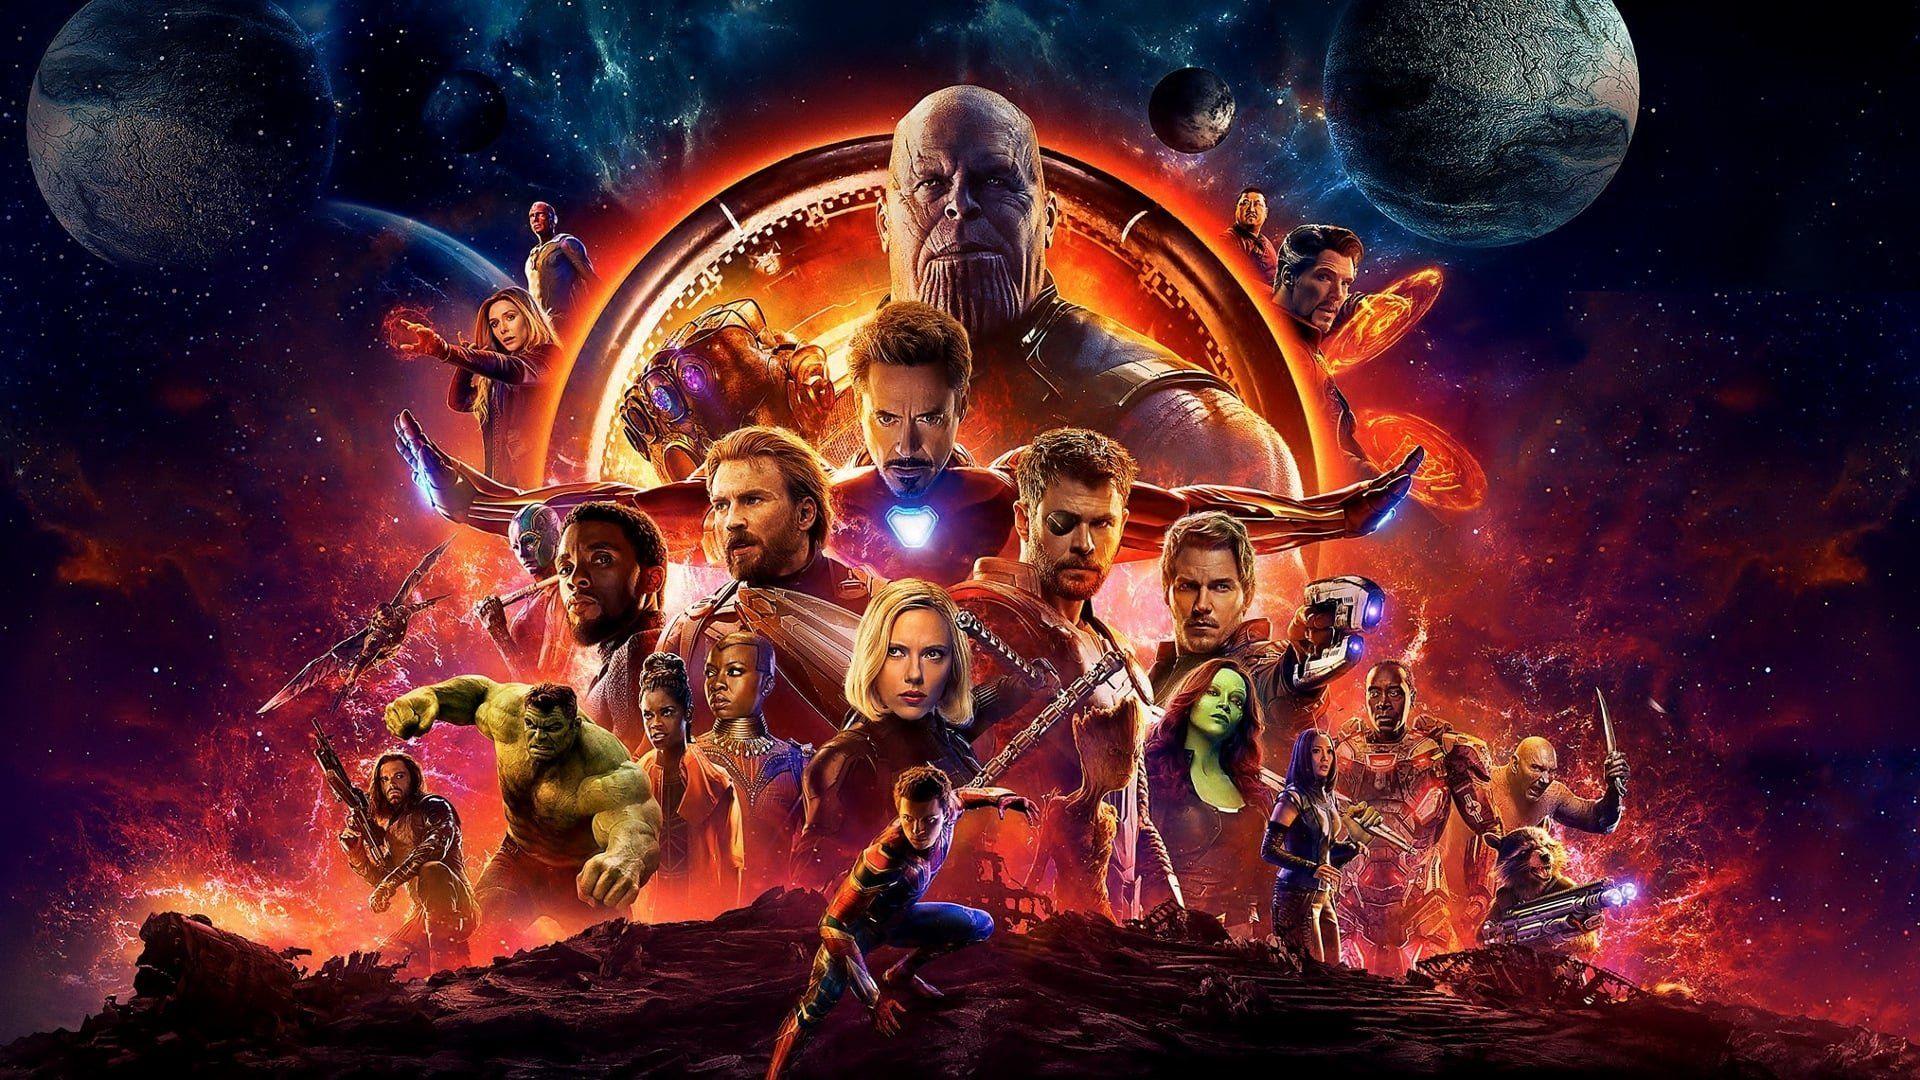 В трейлере «Мстители: Финал» Танос поприветствовал команду супергероев